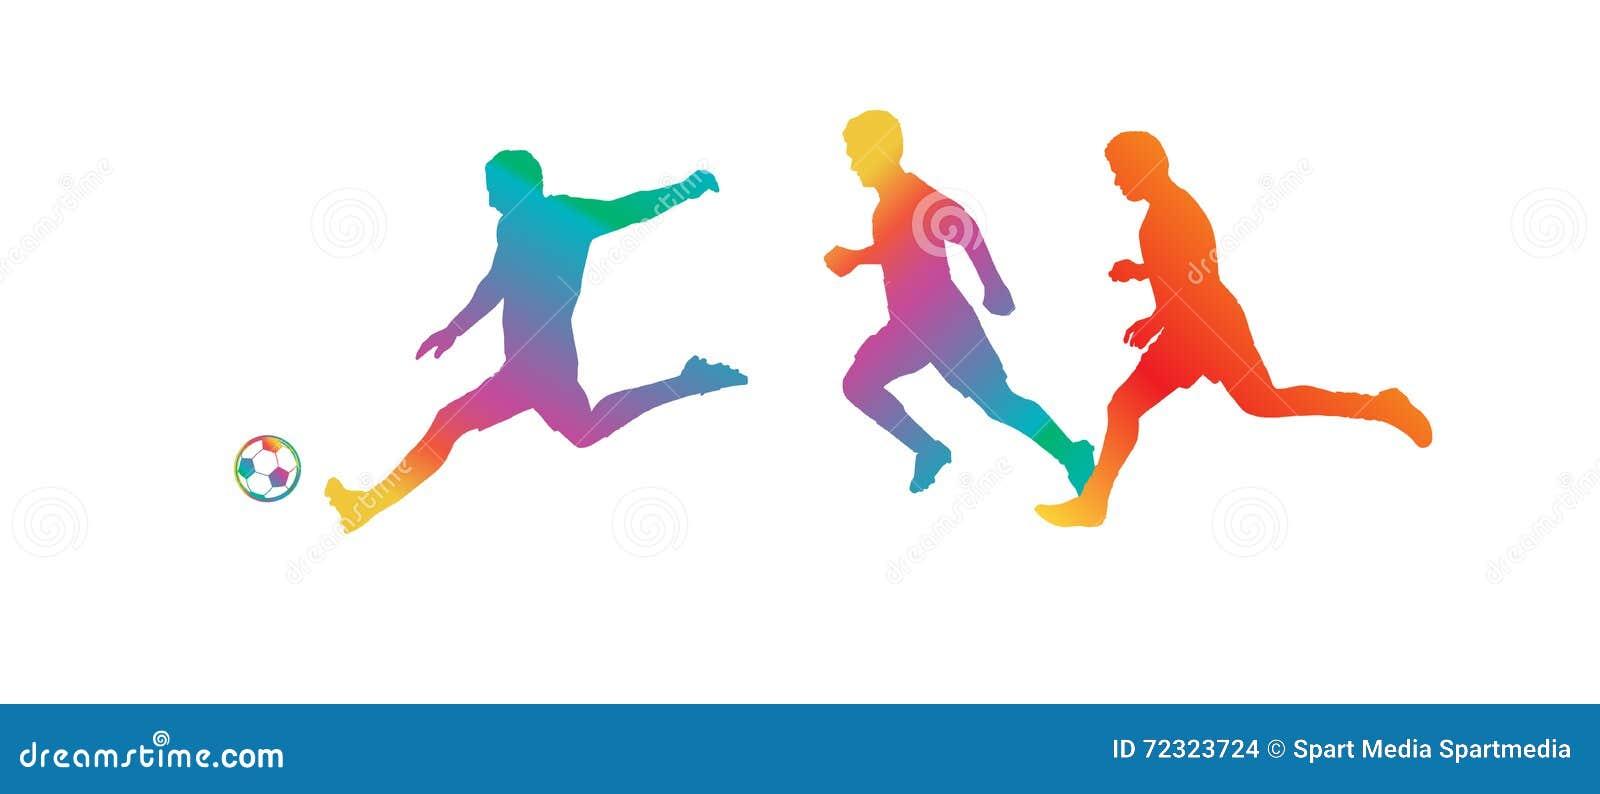 Caractères de dessin animé et de sport